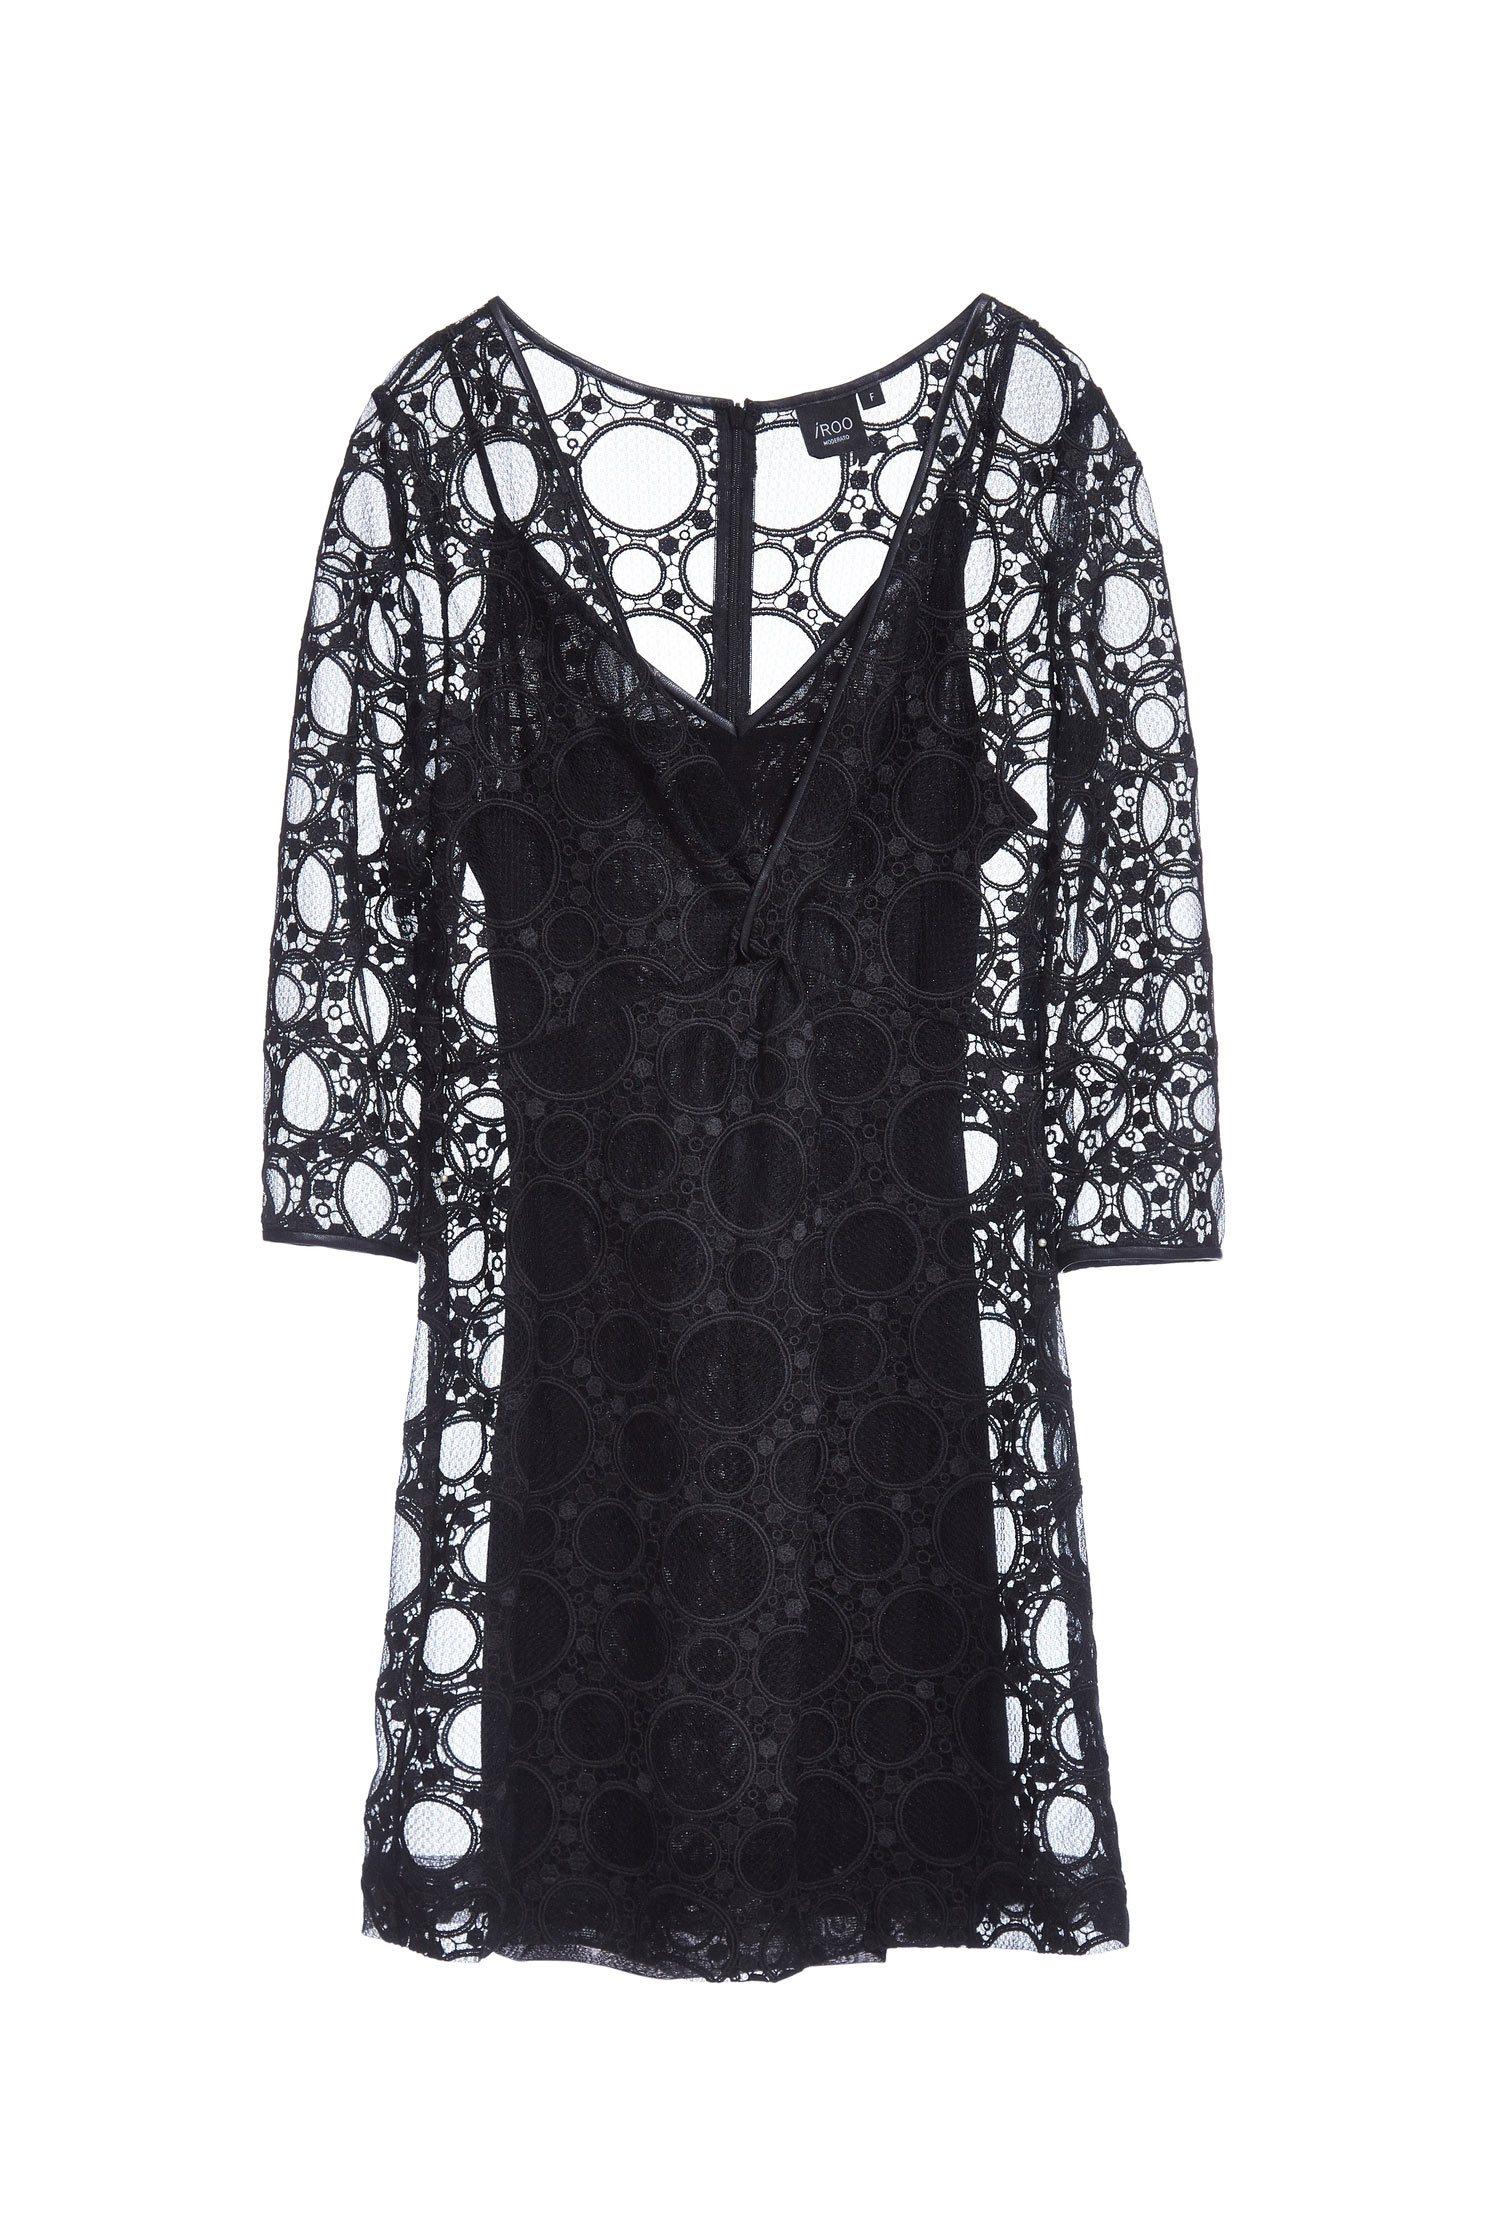 V-neck front kink party lace dress